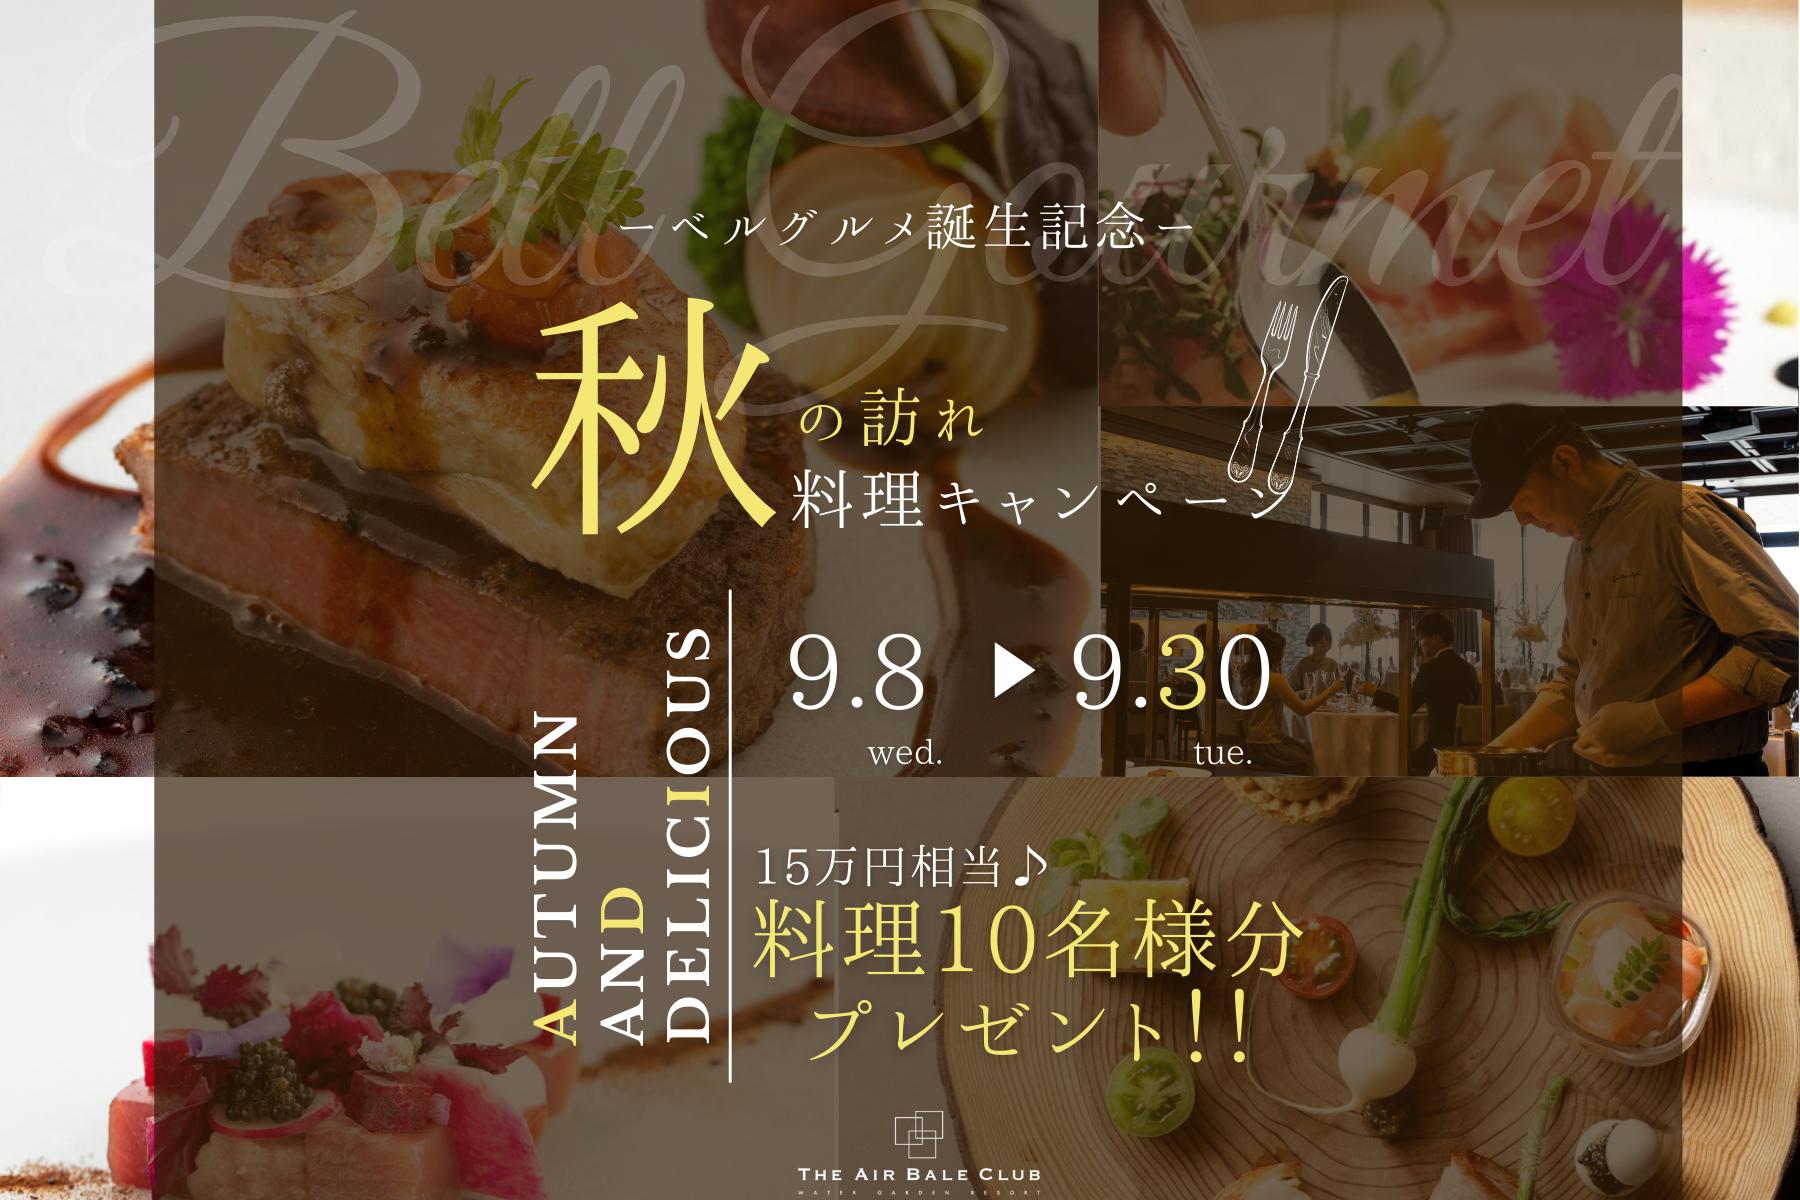 香川県高松市の結婚式場アイルバレクラブの期間限定特典